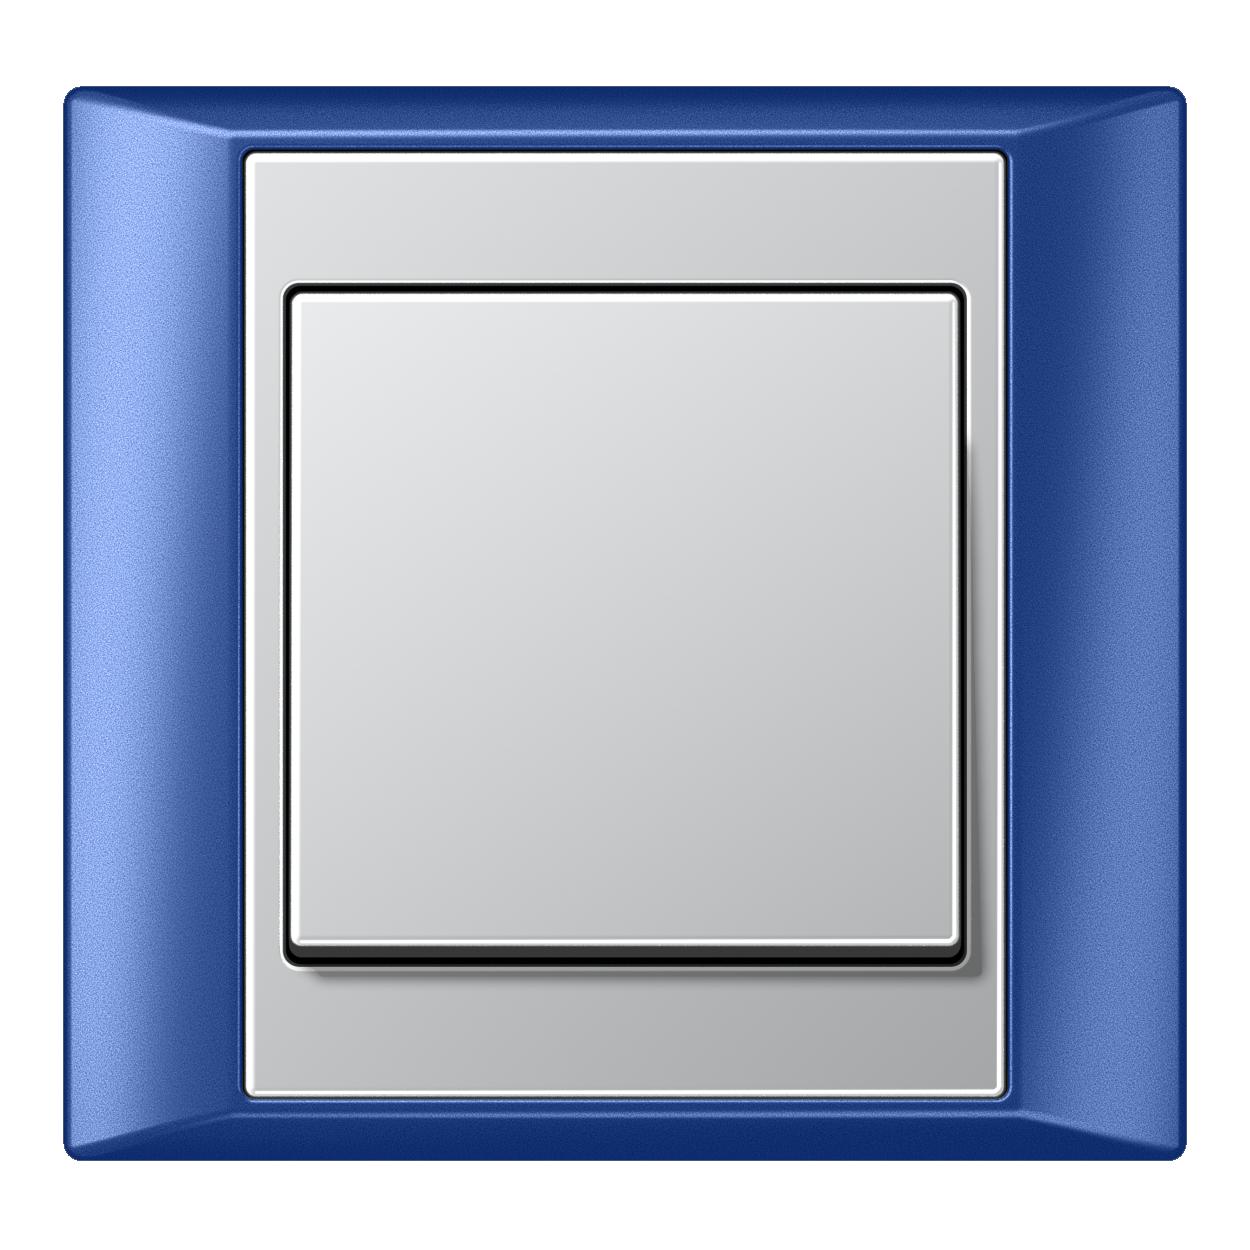 JUNG_Aplus_blue_aluminium_switch